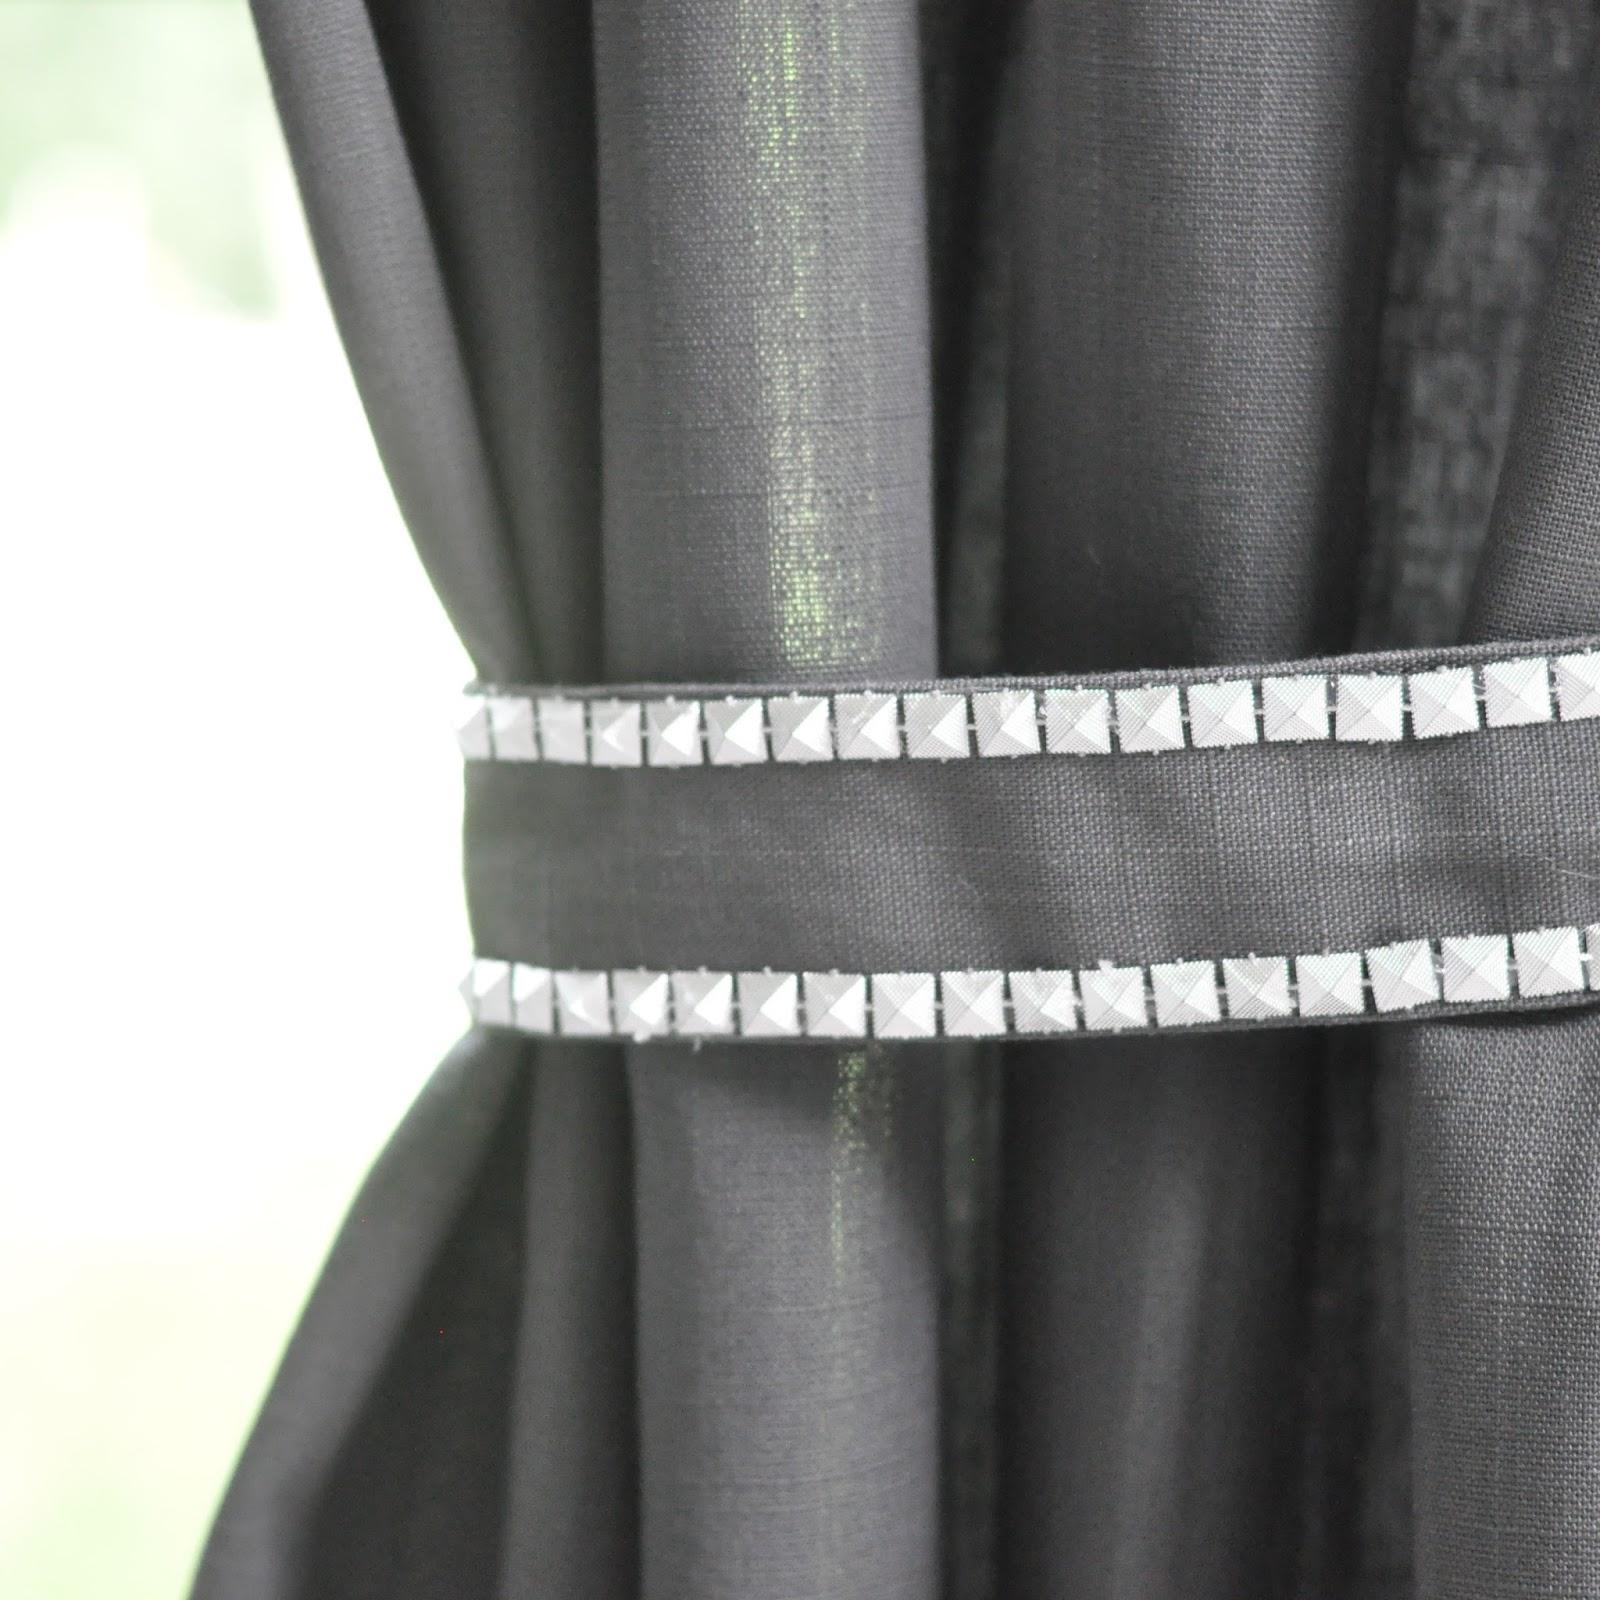 DIY Studded Curtain Tie-Backs